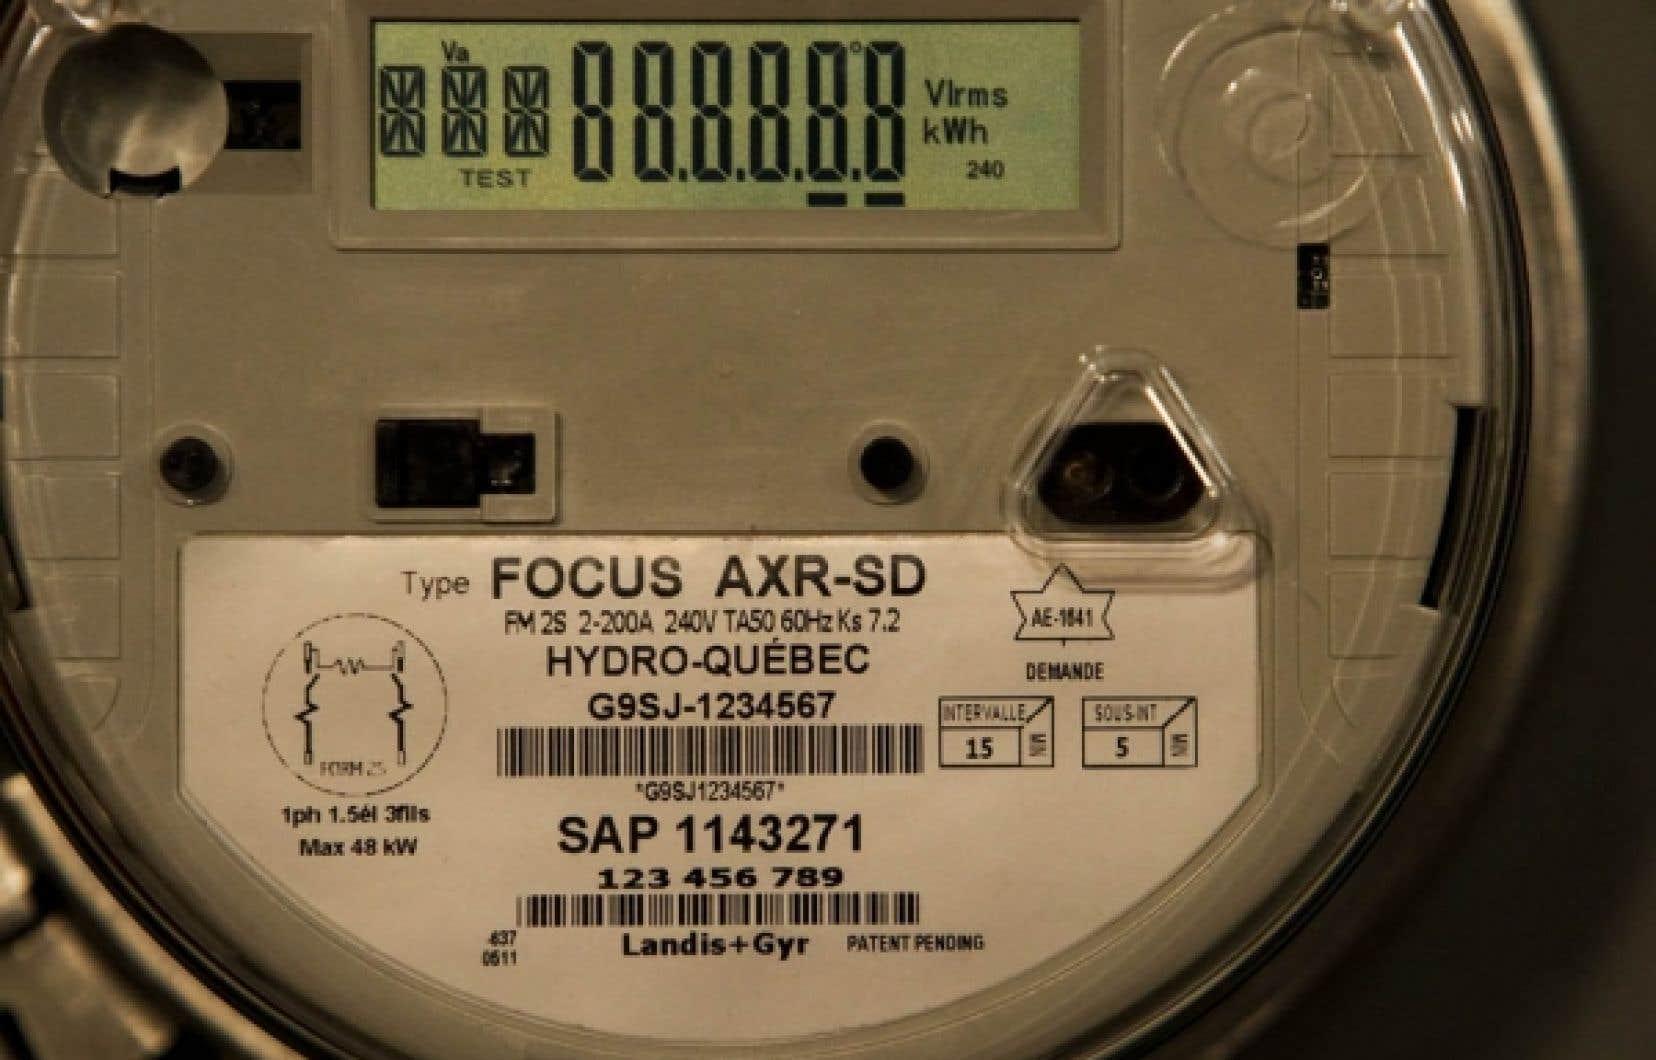 Hydro-Québec compte installer 3,7 millions de nouveaux compteurs entre 2012 et 2017 au coût de 100 millions pour épargner 300 millions en 20 ans si, d'ici là, aucune poursuite ne modifie ses prévisions.